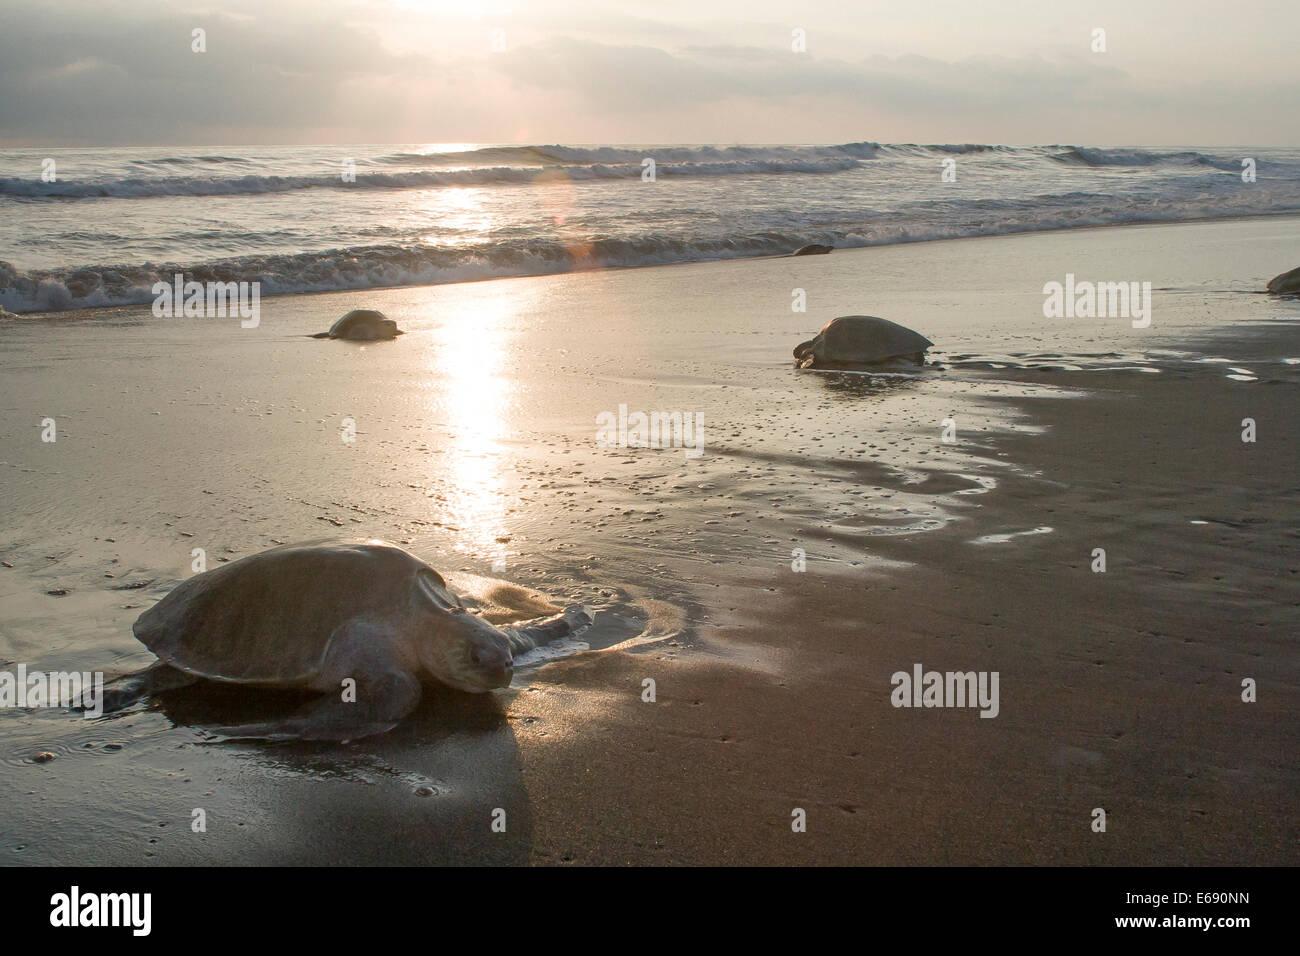 Tortugas olive ridley subir a la playa para poner sus huevos. La anidación de tortugas marinas en masa de eventos Imagen De Stock